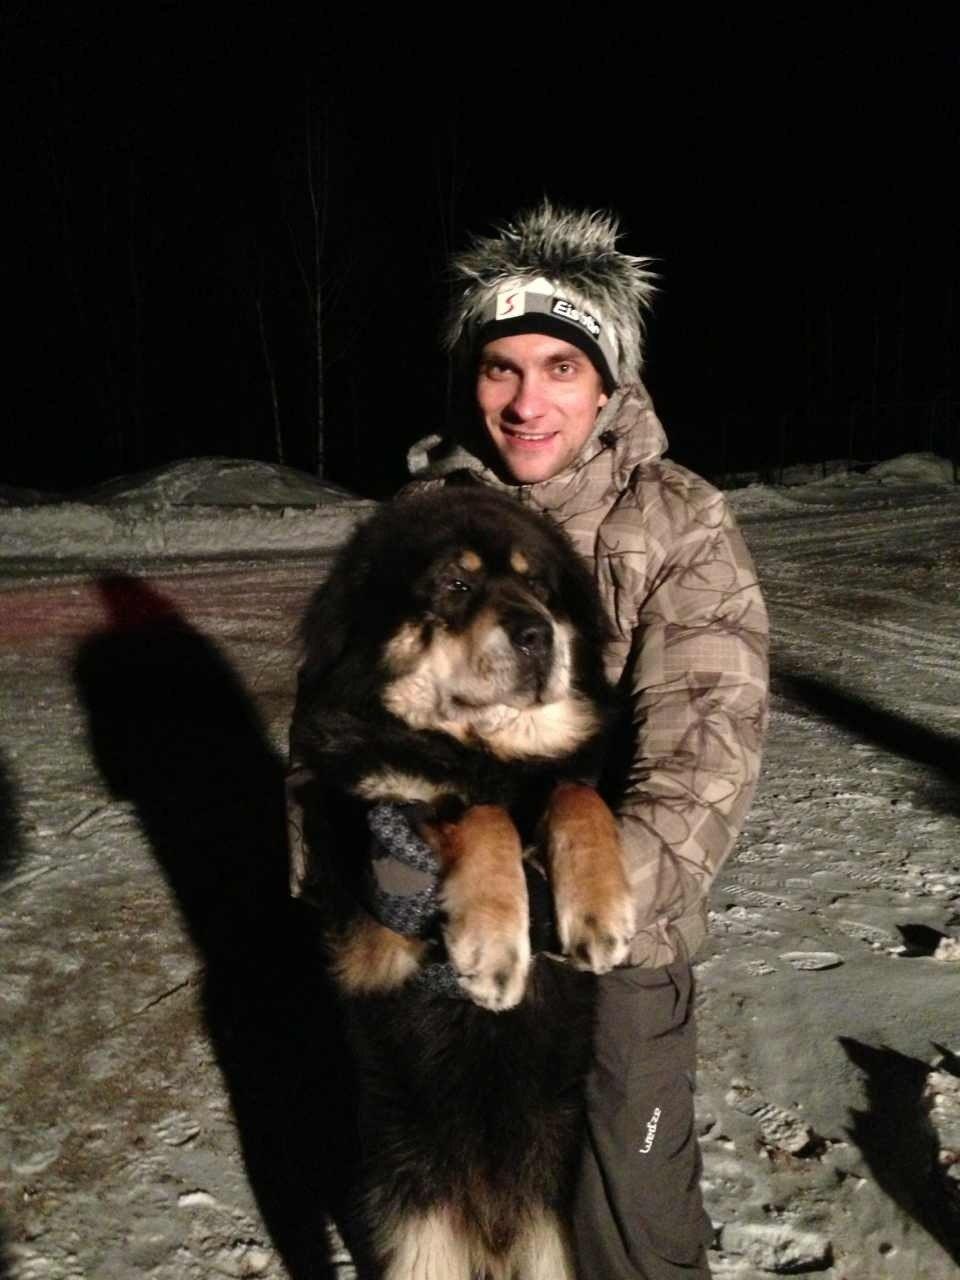 Виталий Петров с собакой 18 декабря 2012